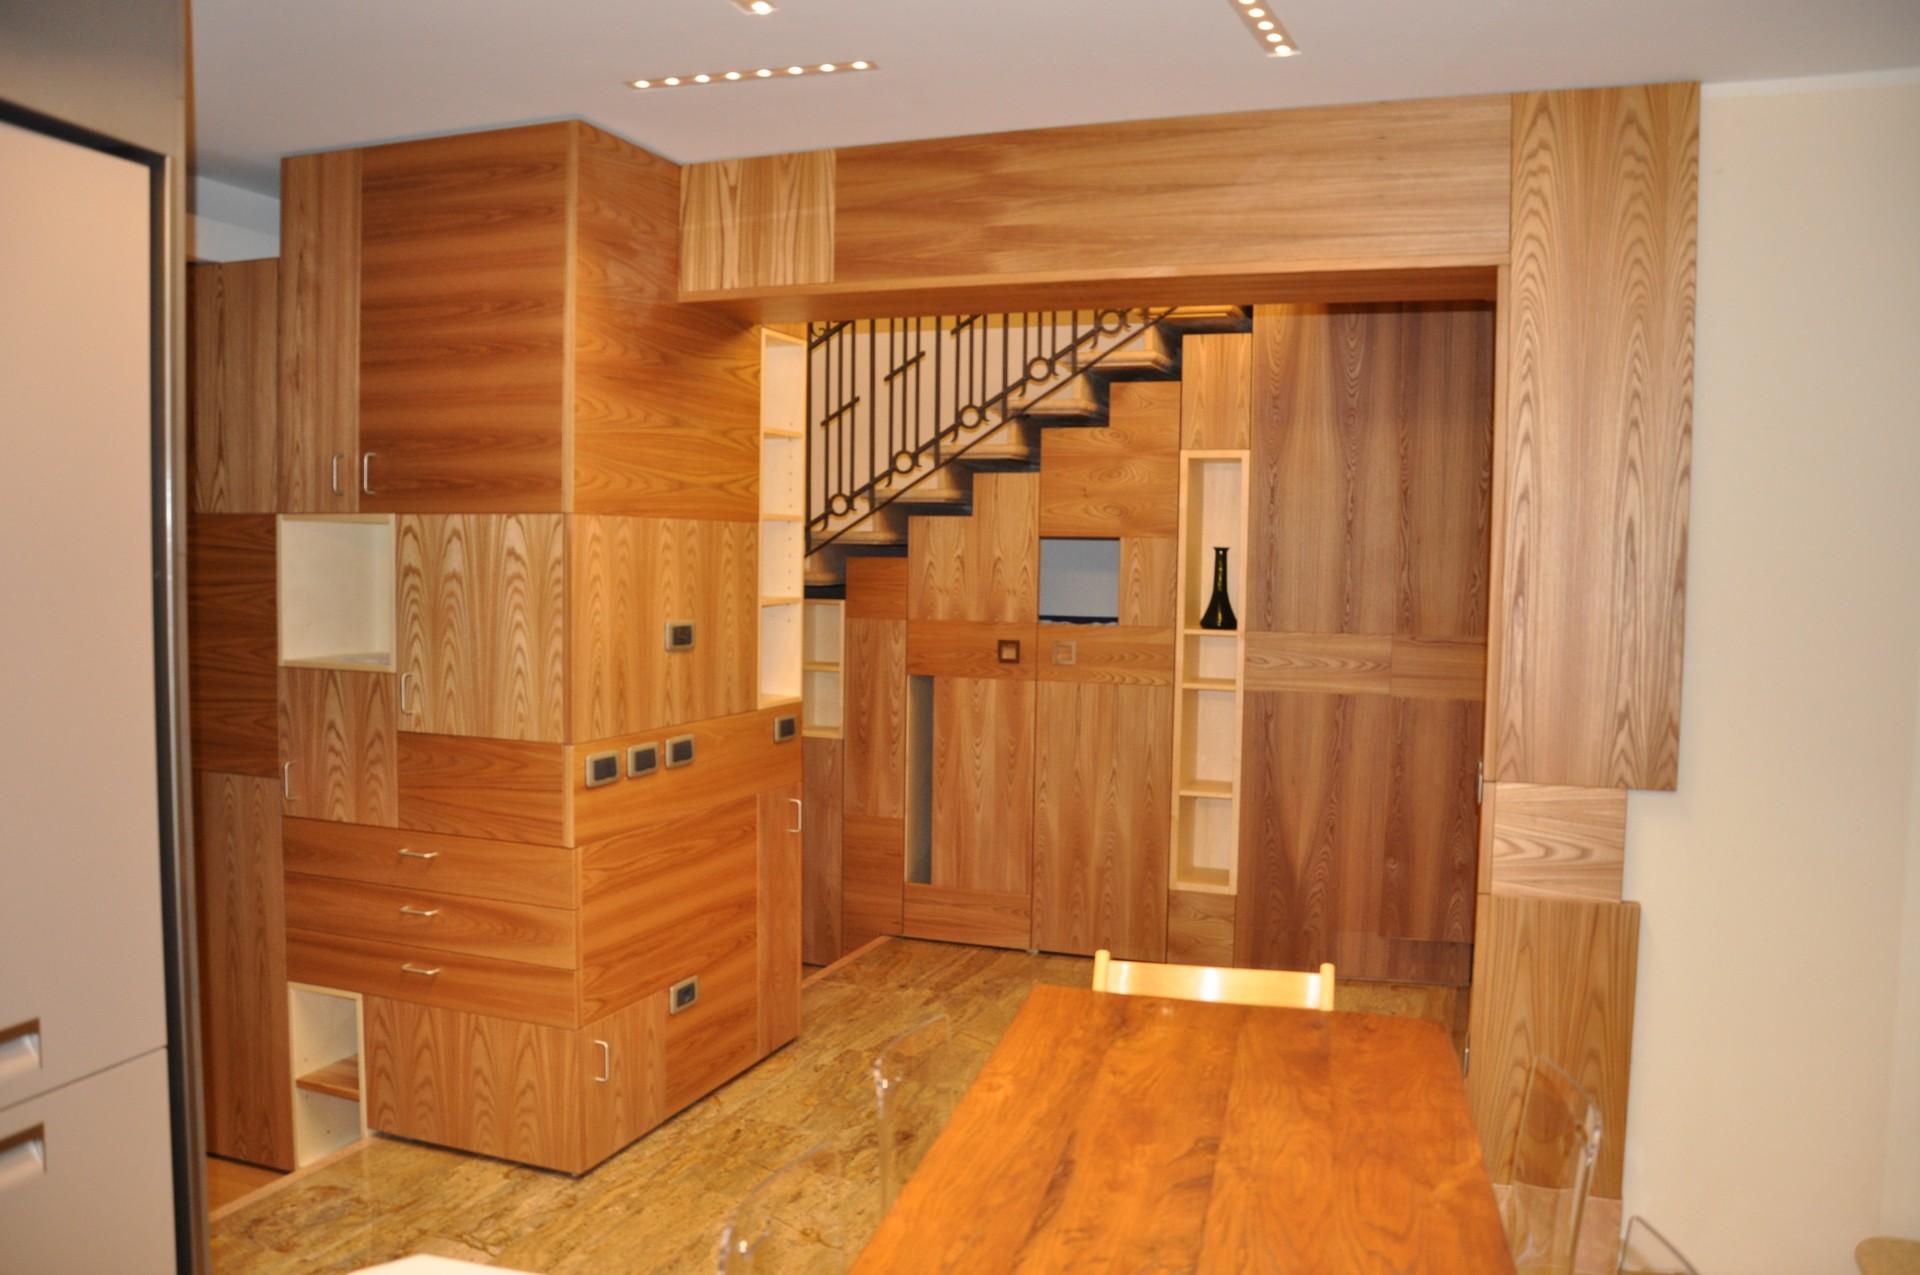 Progettazione arredamenti su misura fadini mobili cerea for Progettazione di mobili online